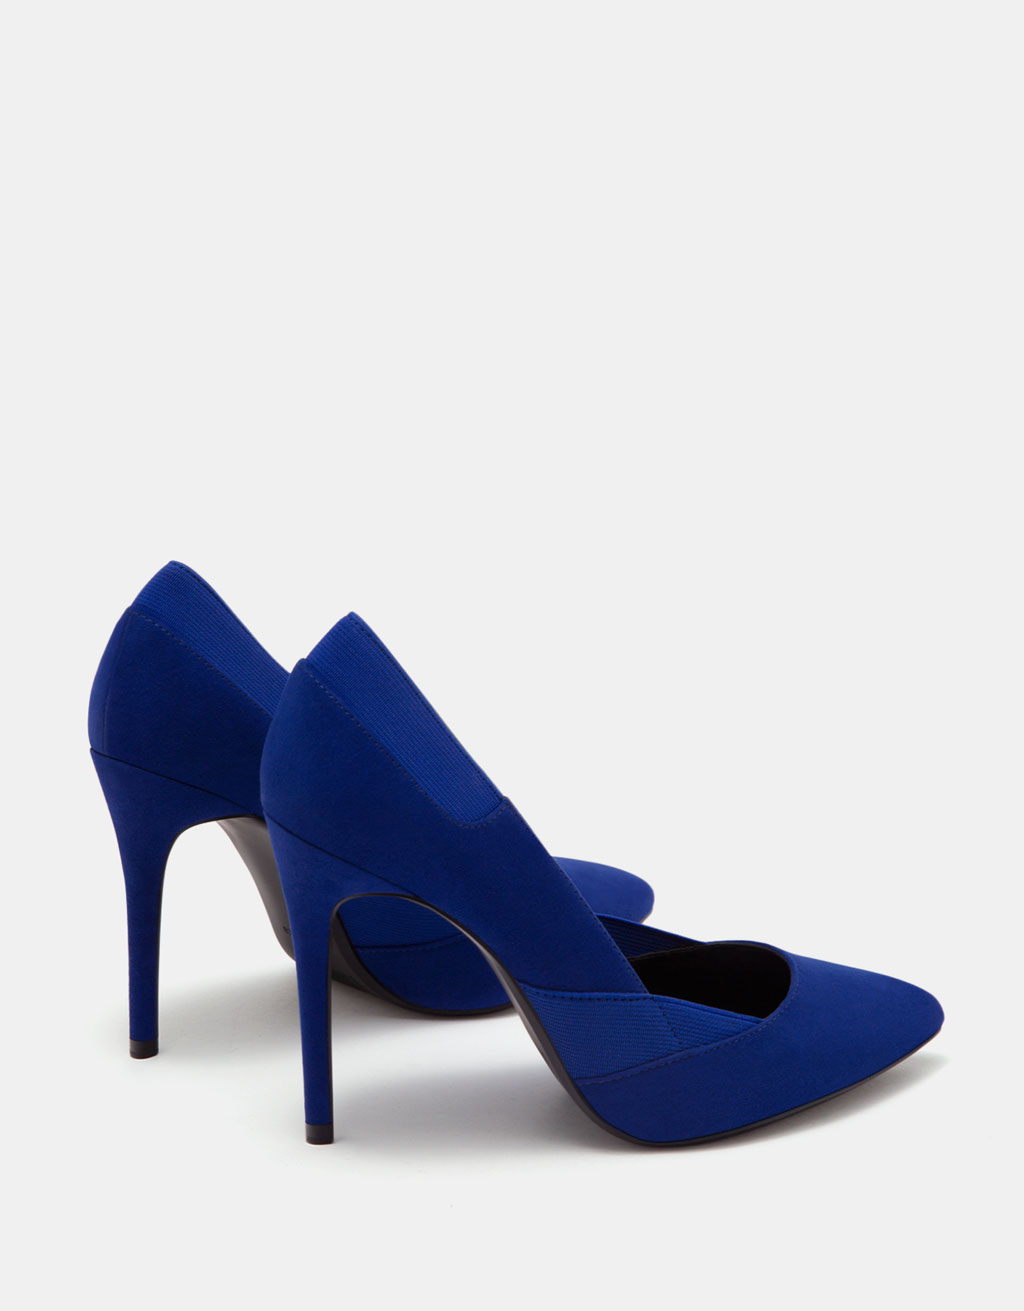 Schuhe mit dünnem Absatz und Stretchdetail